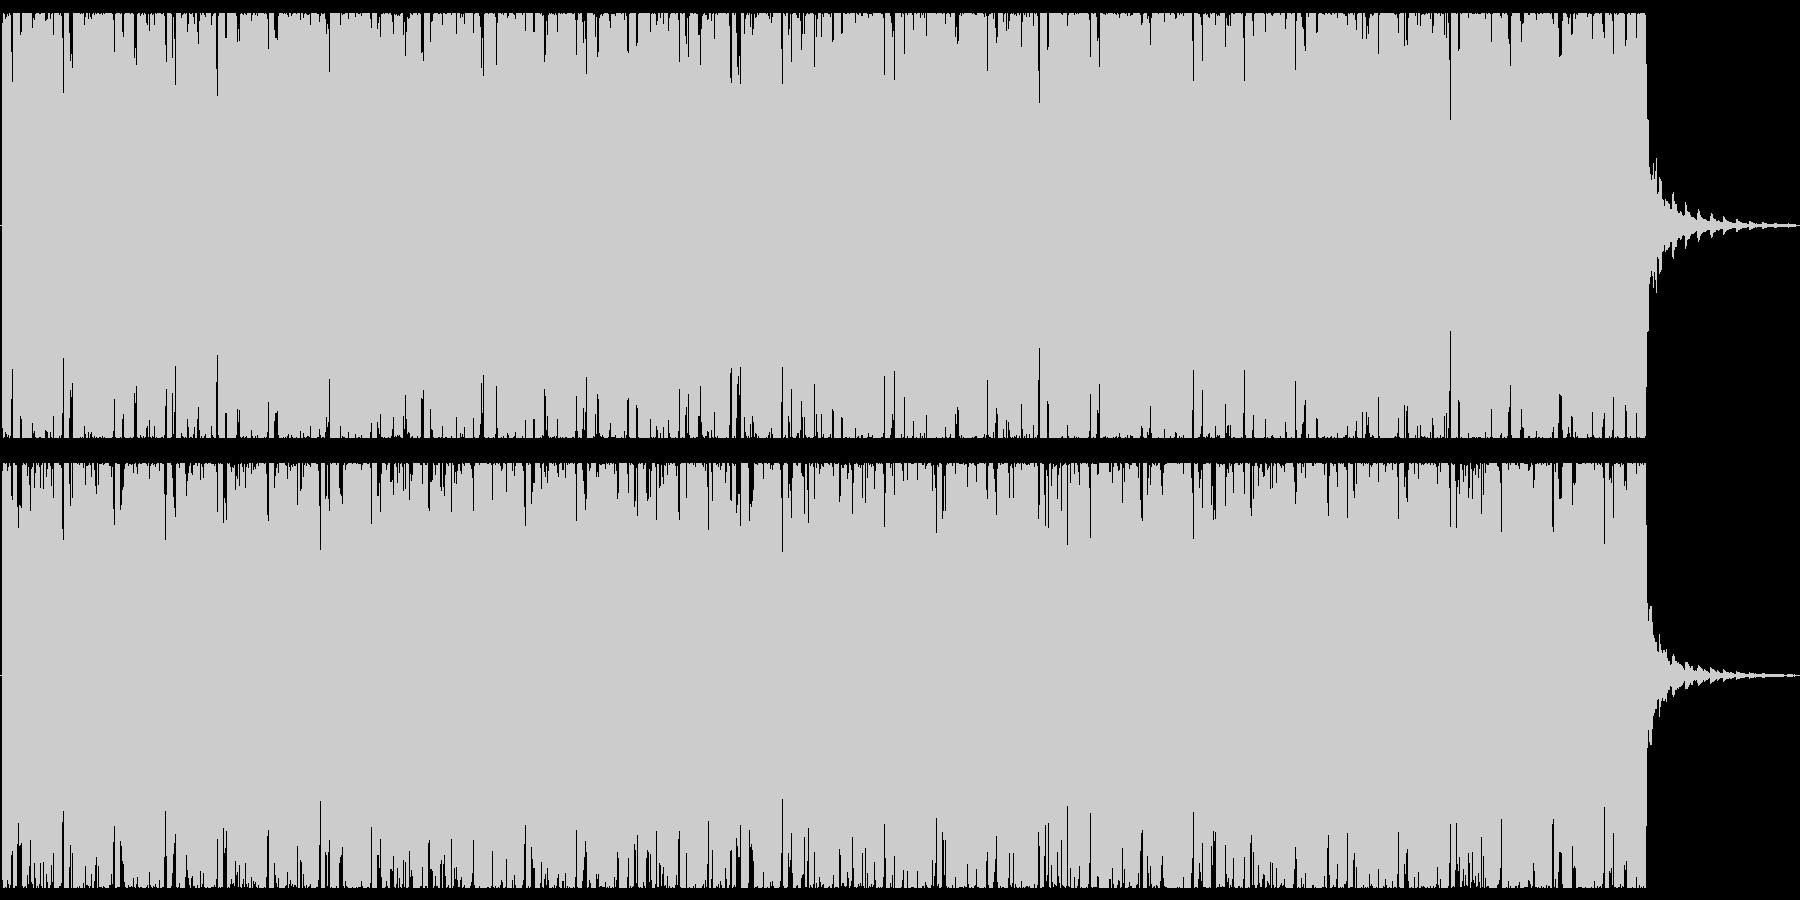 オシャレな4つ打ちピアノハウス-ショートの未再生の波形